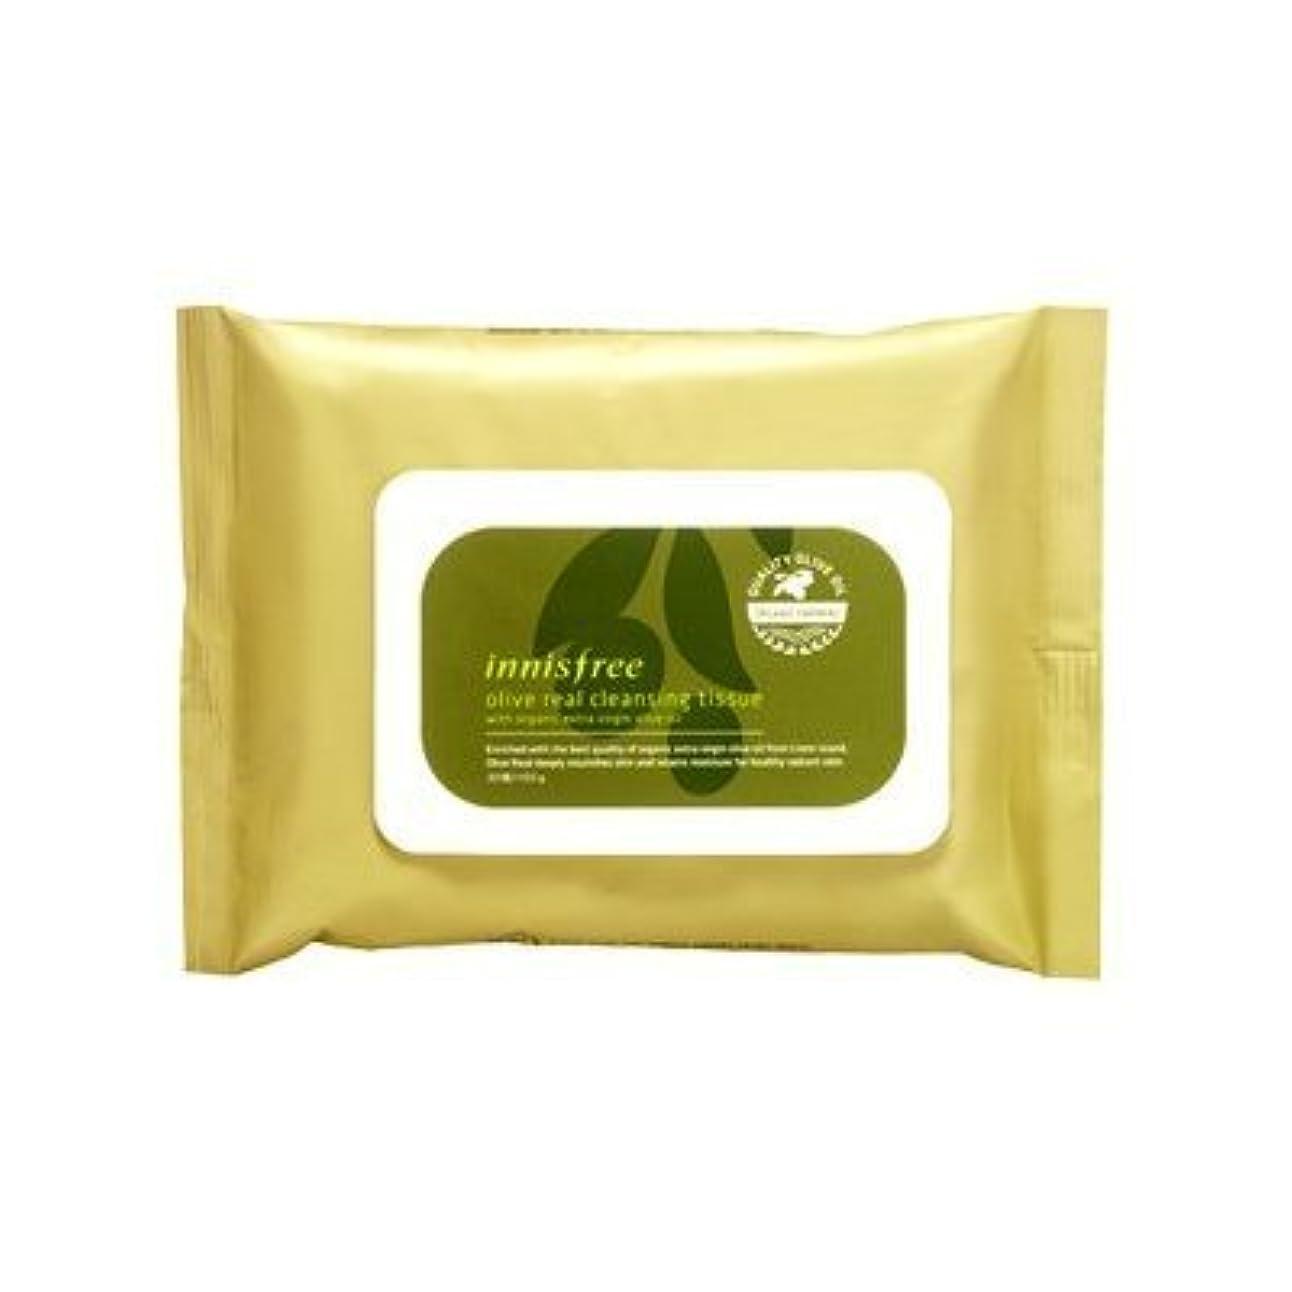 残酷松月曜日Innisfree Olive Real Cleansing Tissue (30 sheets)